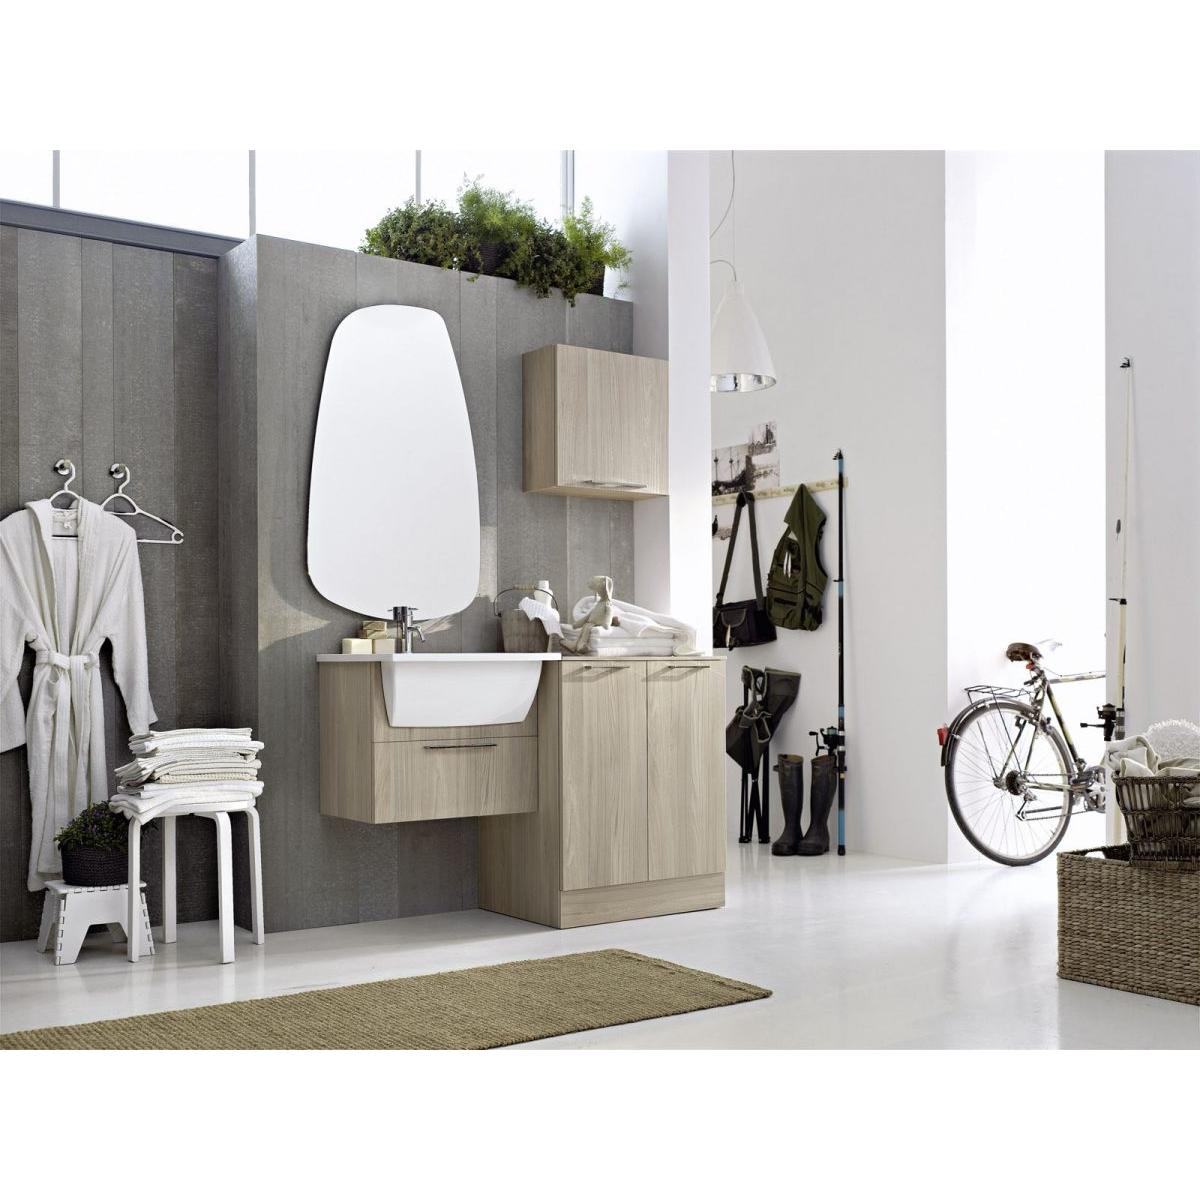 Mobile Bagno E Lavatrice arbi arredobagno composizione bagno/lavanderia con mobile